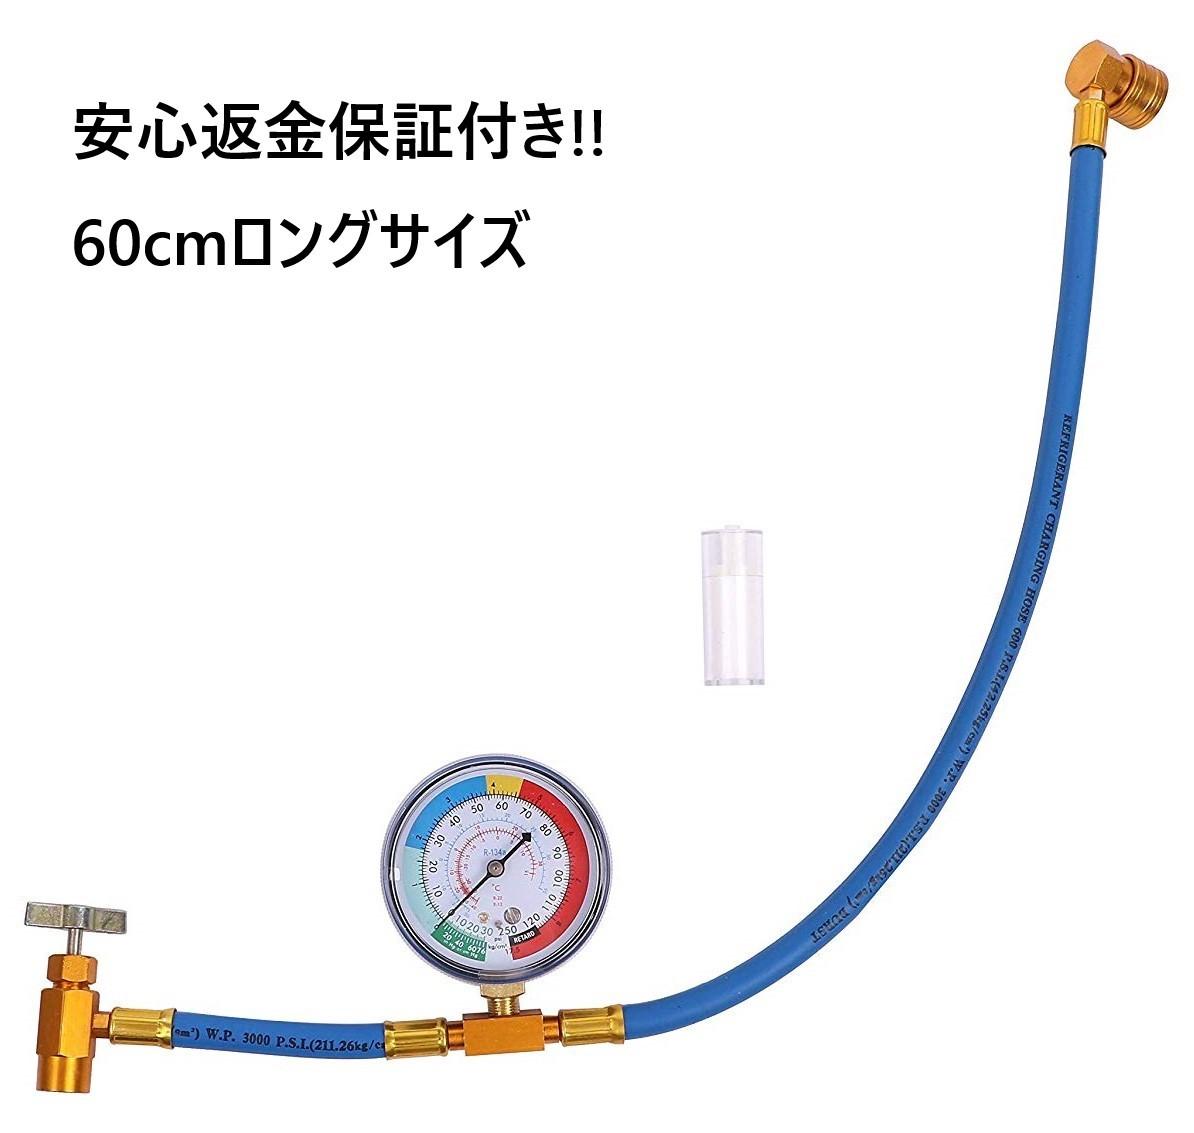 60 大規模セール ロングサイズ R134a用 エアコン ガス チャージ エアコンオイル簡易チェッカー付き メーター付き 日本語説明書付き ホース 1年保障付き 日本限定 Desirable